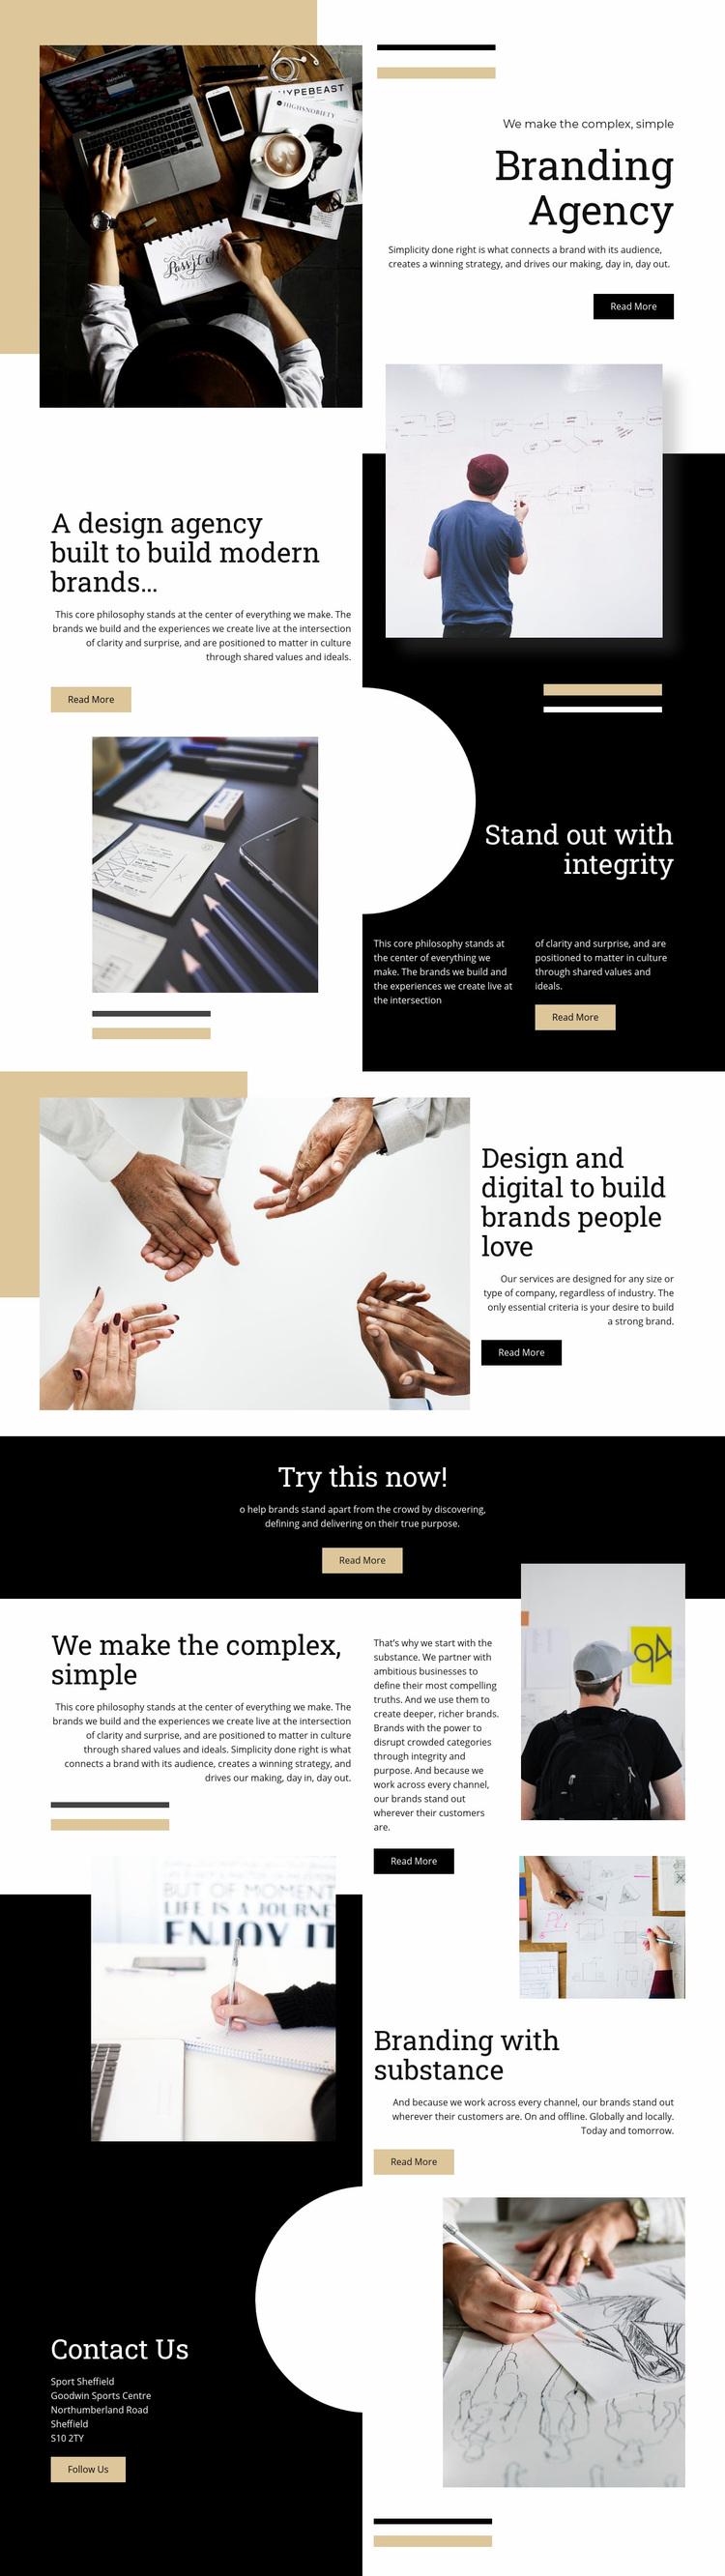 Branding Agency Web Page Designer